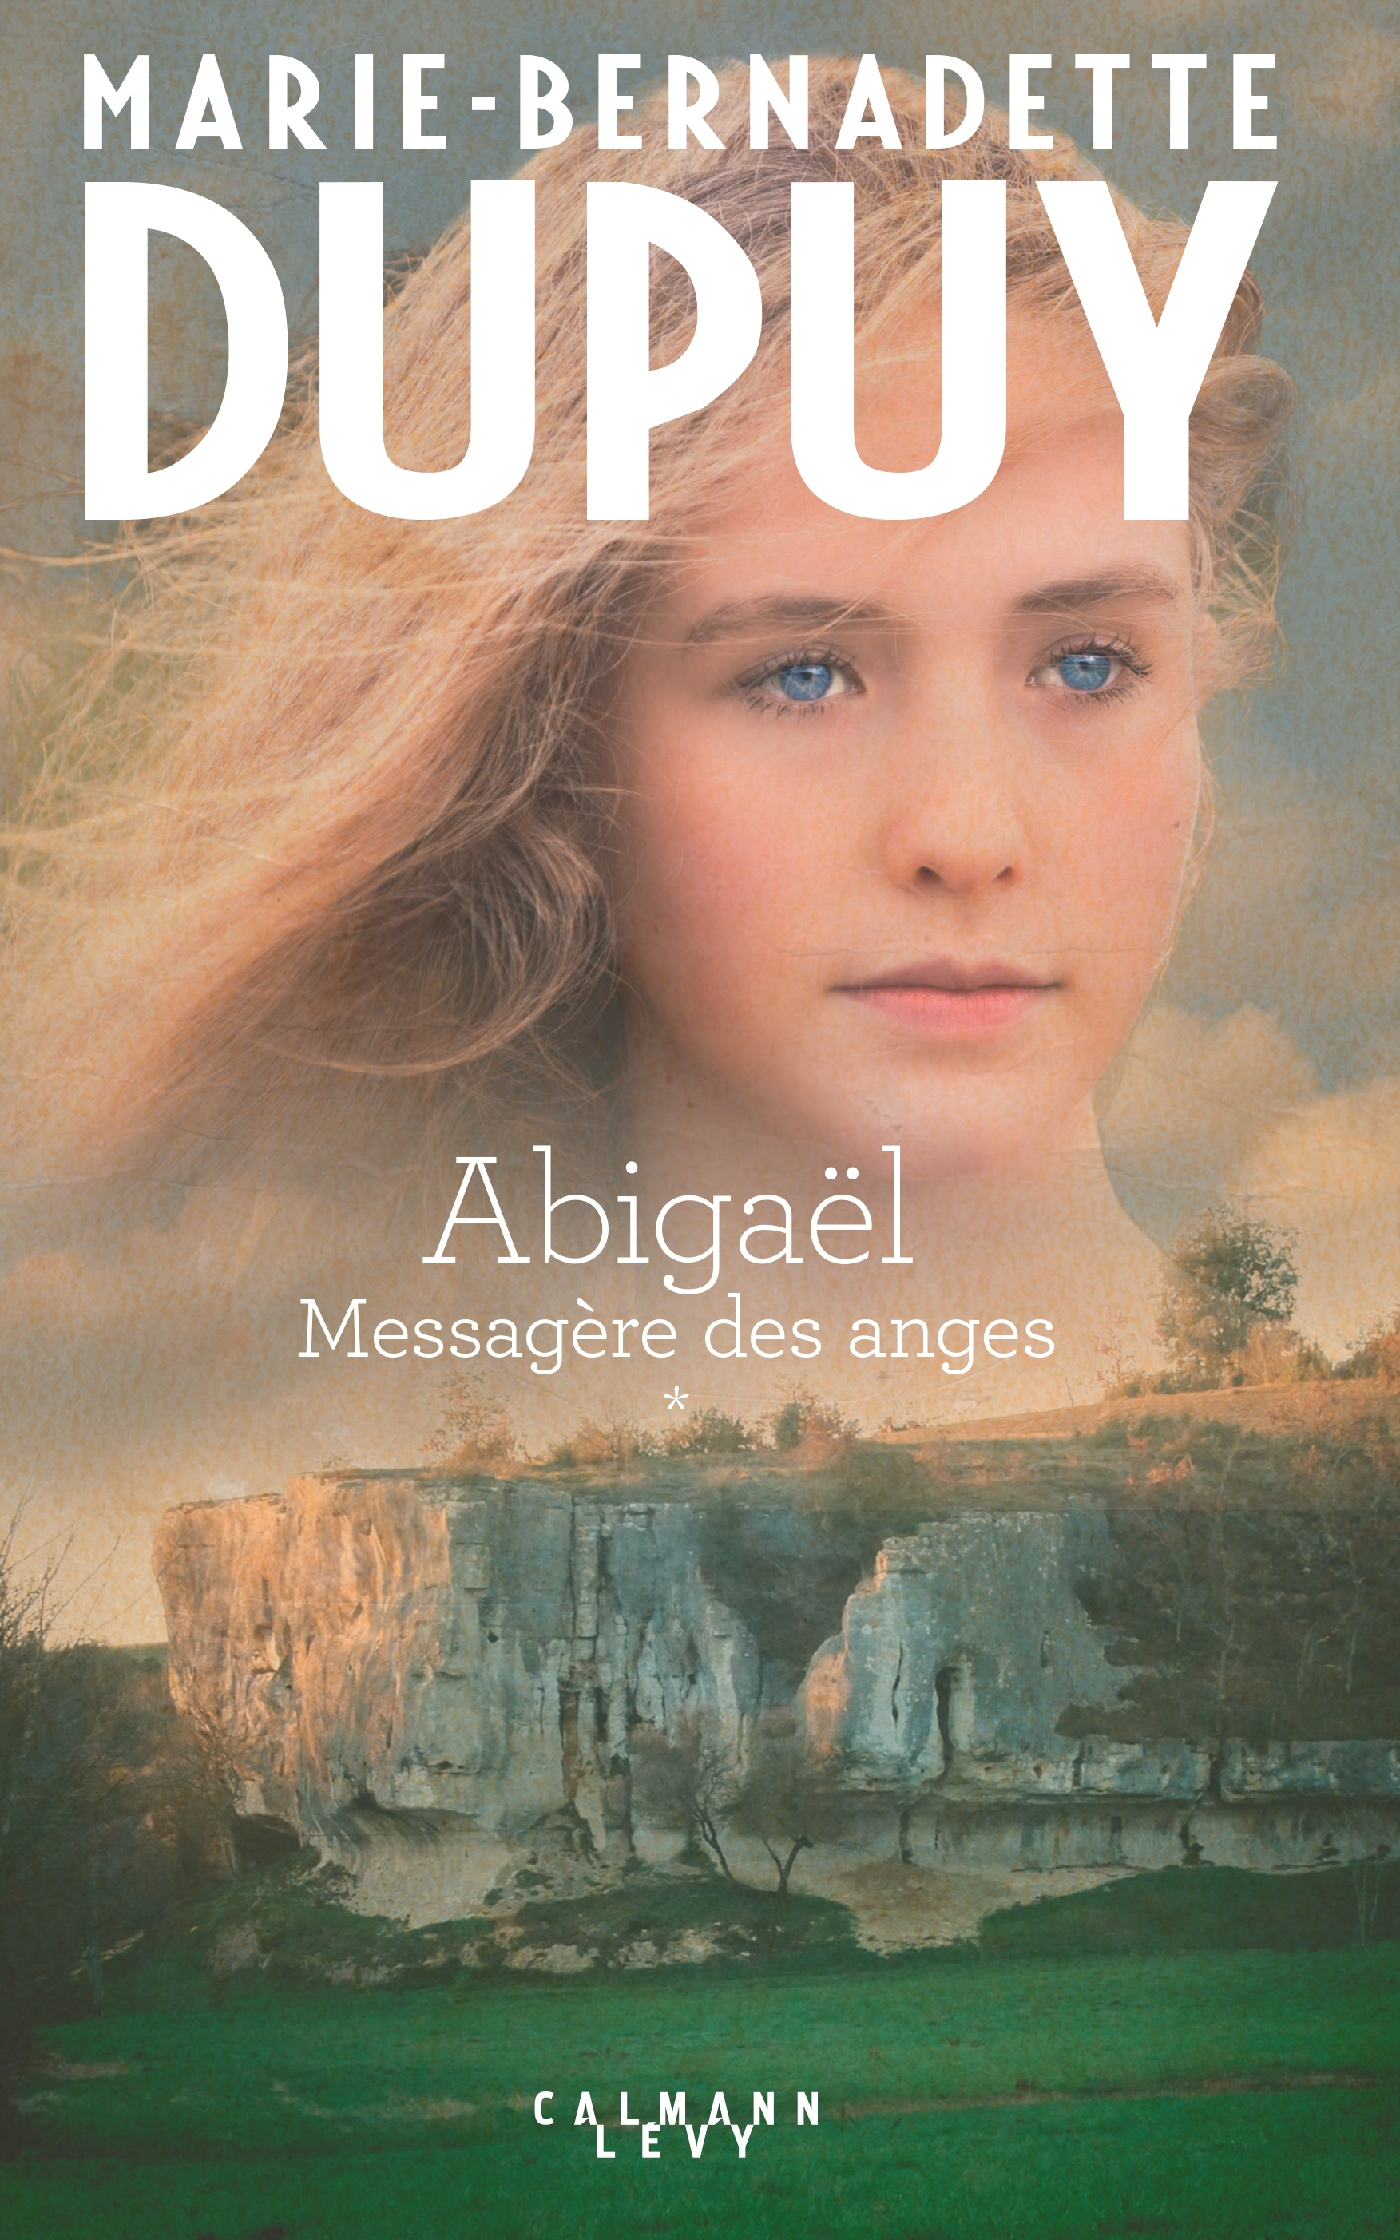 Abigaël Tome 1 - Messagère des anges | Dupuy, Marie-Bernadette. Auteur